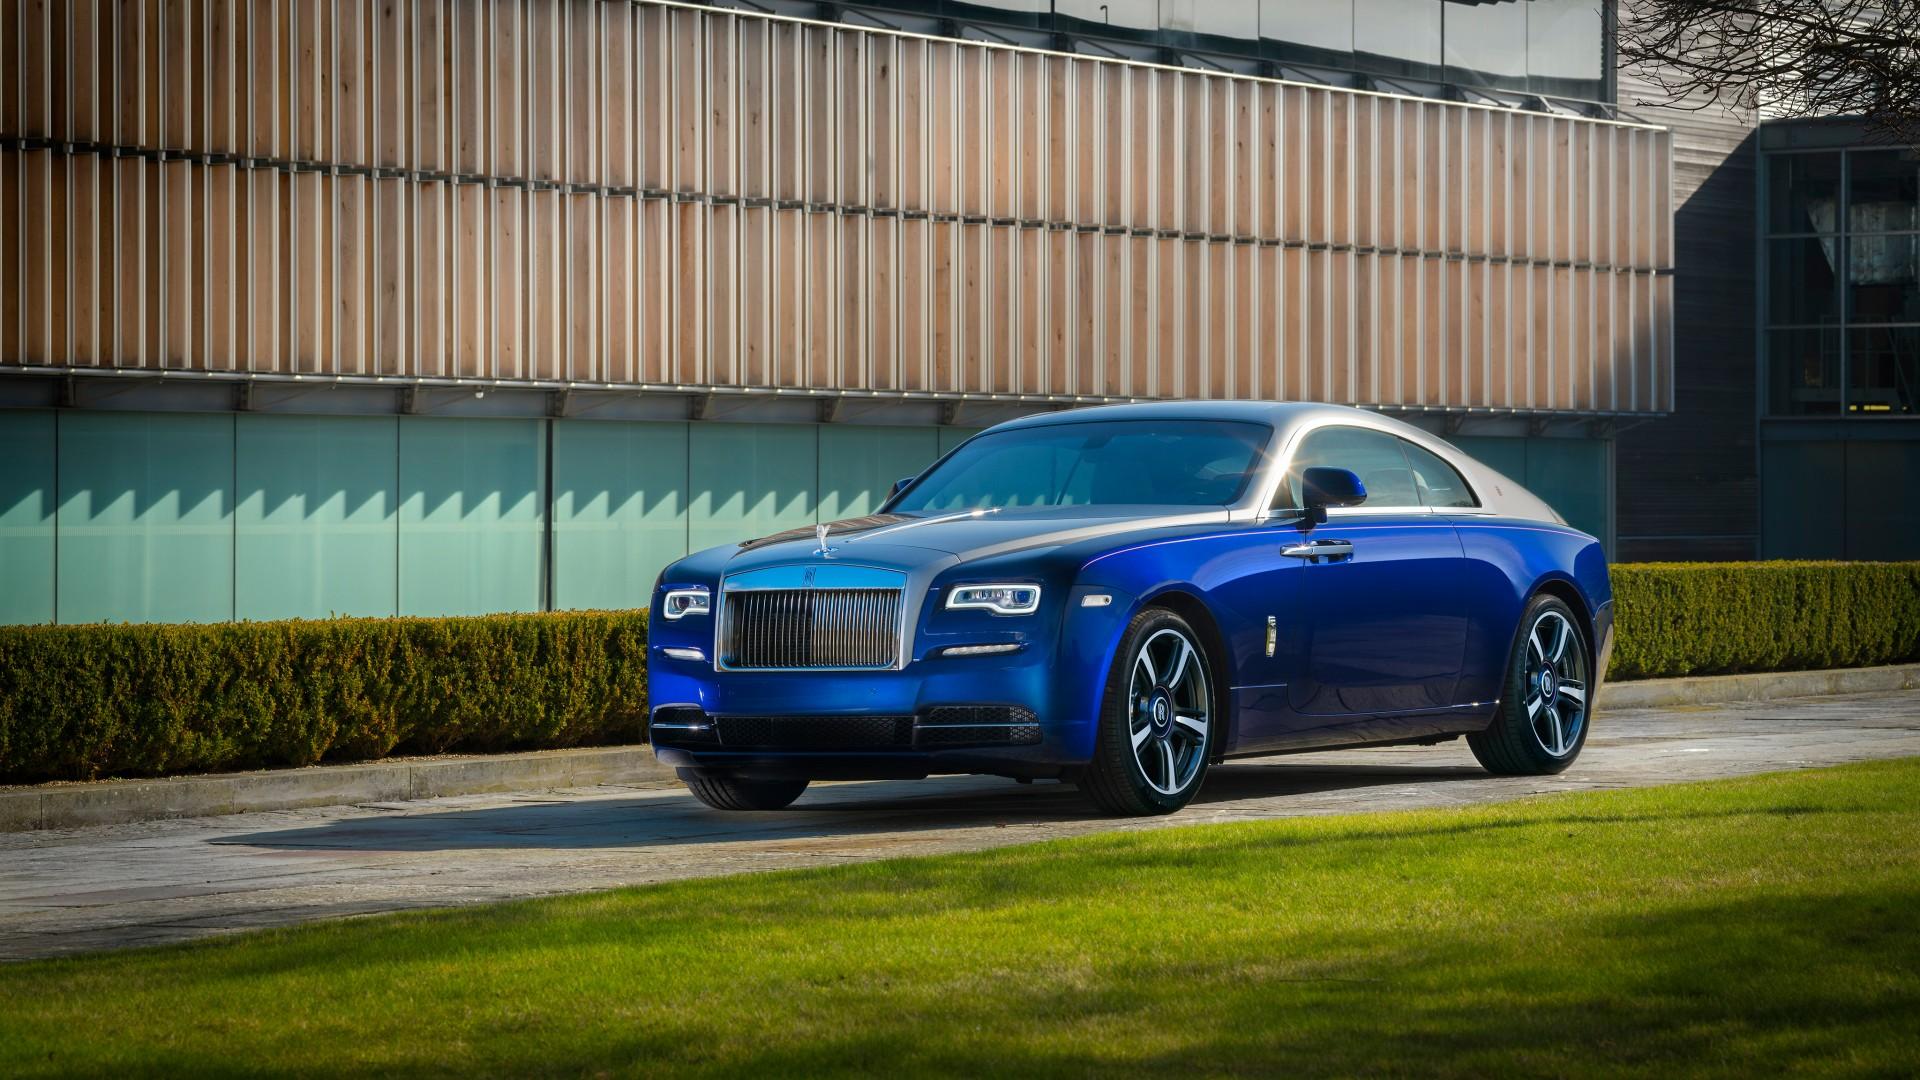 Rolls royce wraith 2017 bespoke 4k wallpaper hd car - Rolls royce wallpaper download ...